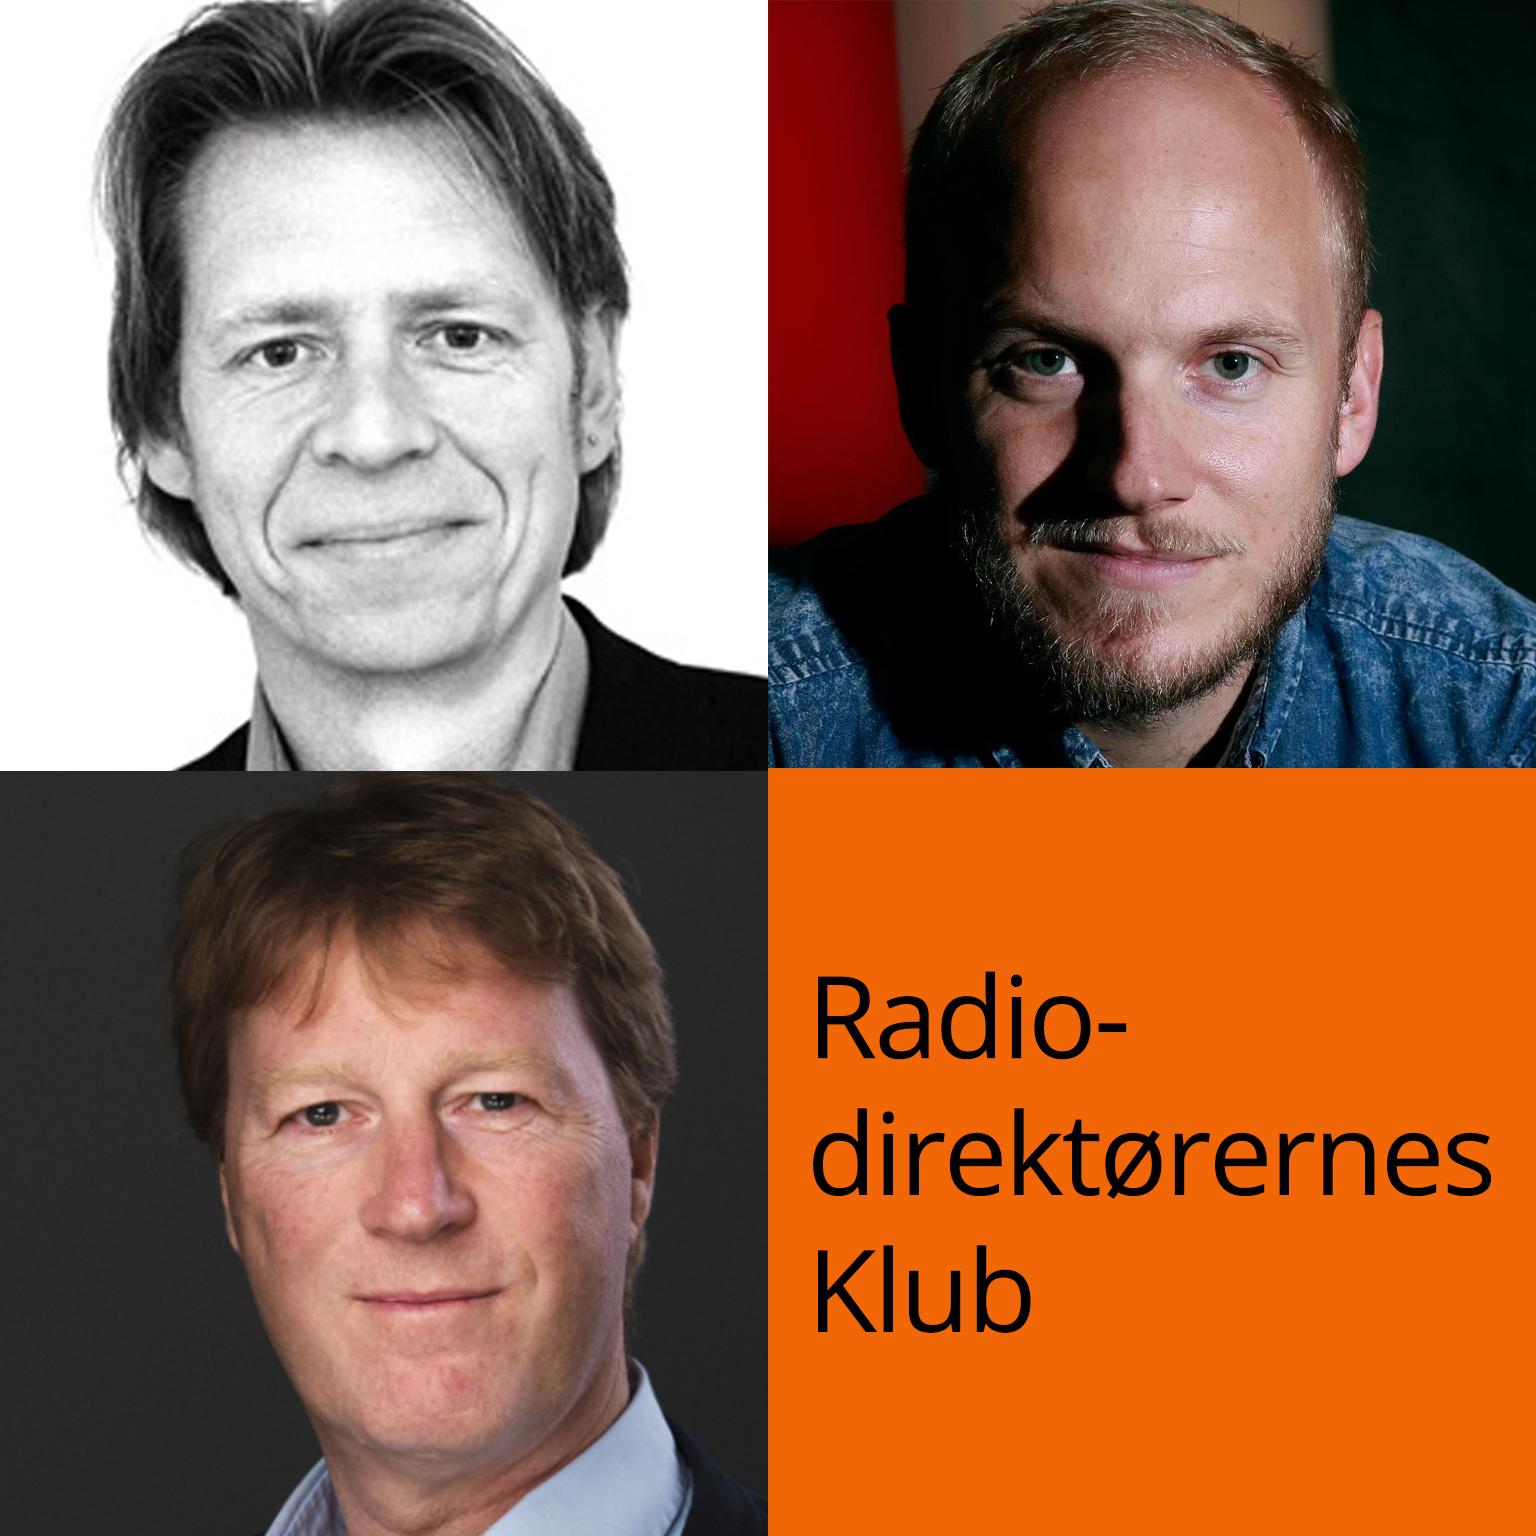 RadiodirektøoeernesKlub